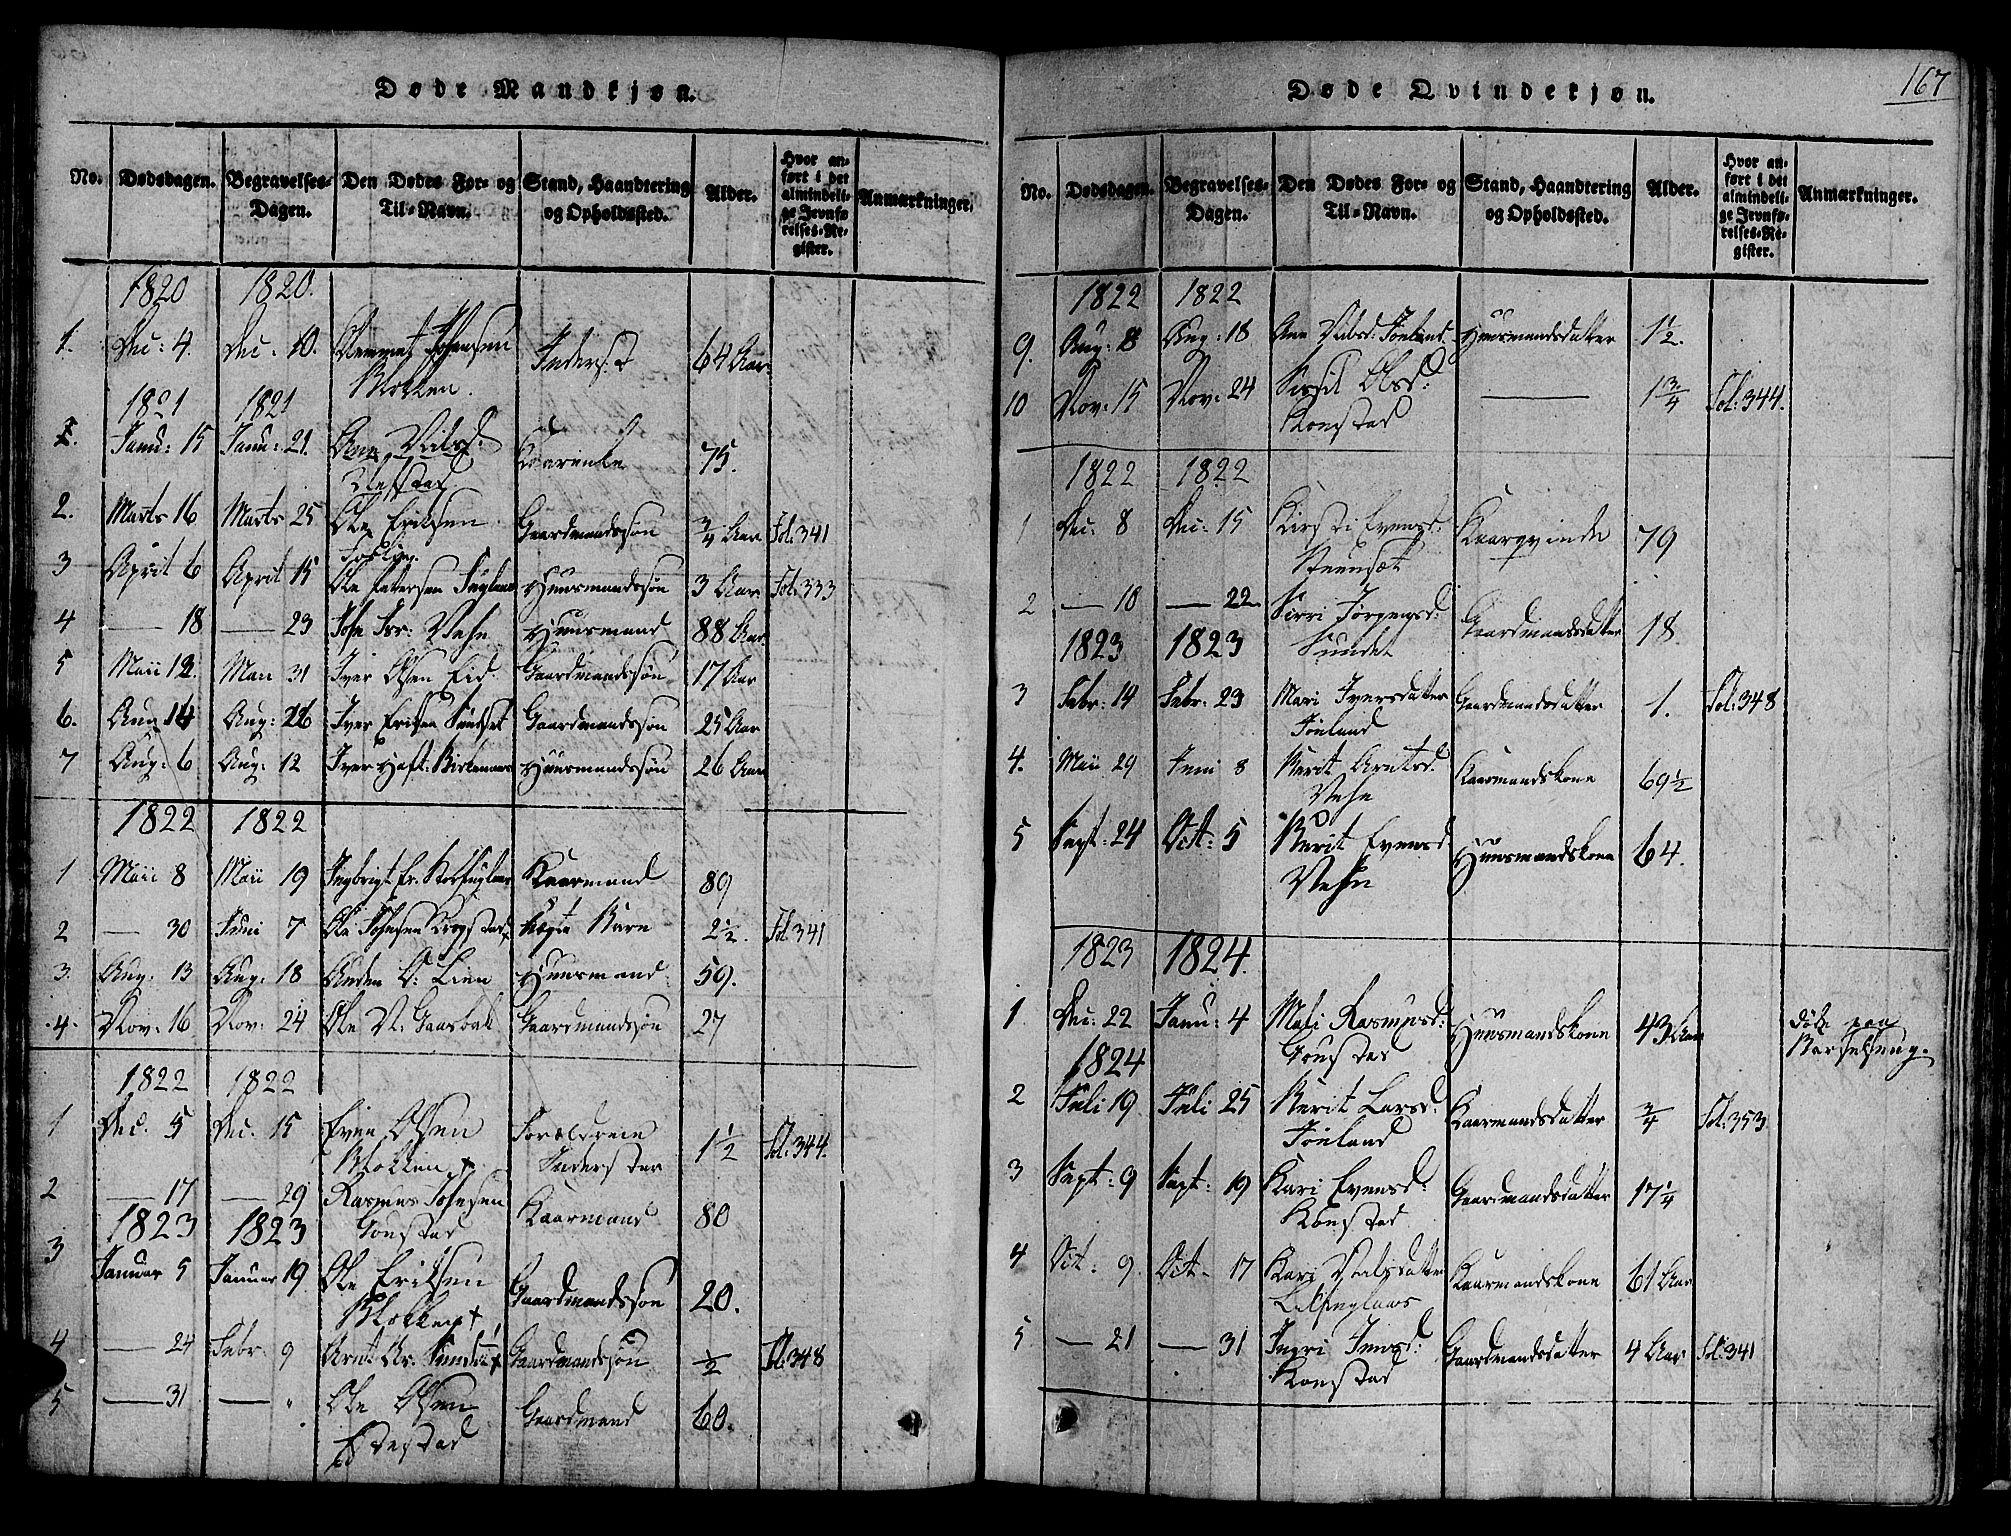 SAT, Ministerialprotokoller, klokkerbøker og fødselsregistre - Sør-Trøndelag, 691/L1068: Ministerialbok nr. 691A03 /4, 1816-1826, s. 167